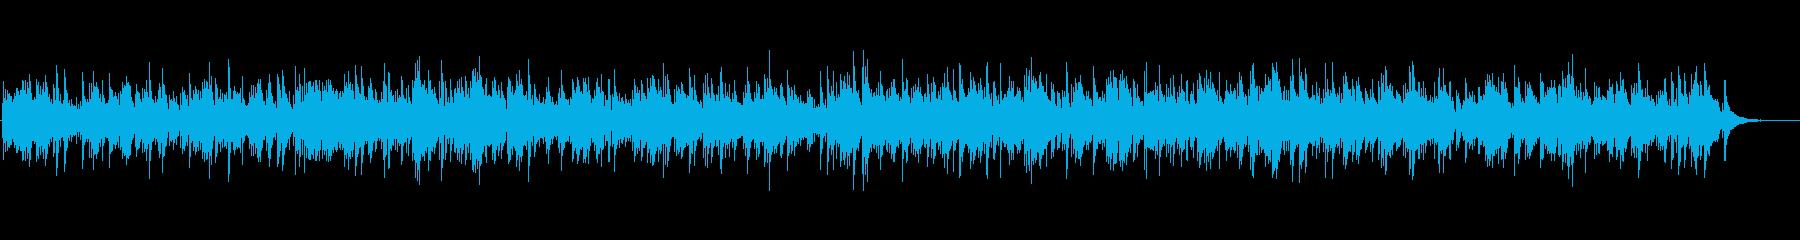 アコギの音色が優しいフォークギターデュオの再生済みの波形